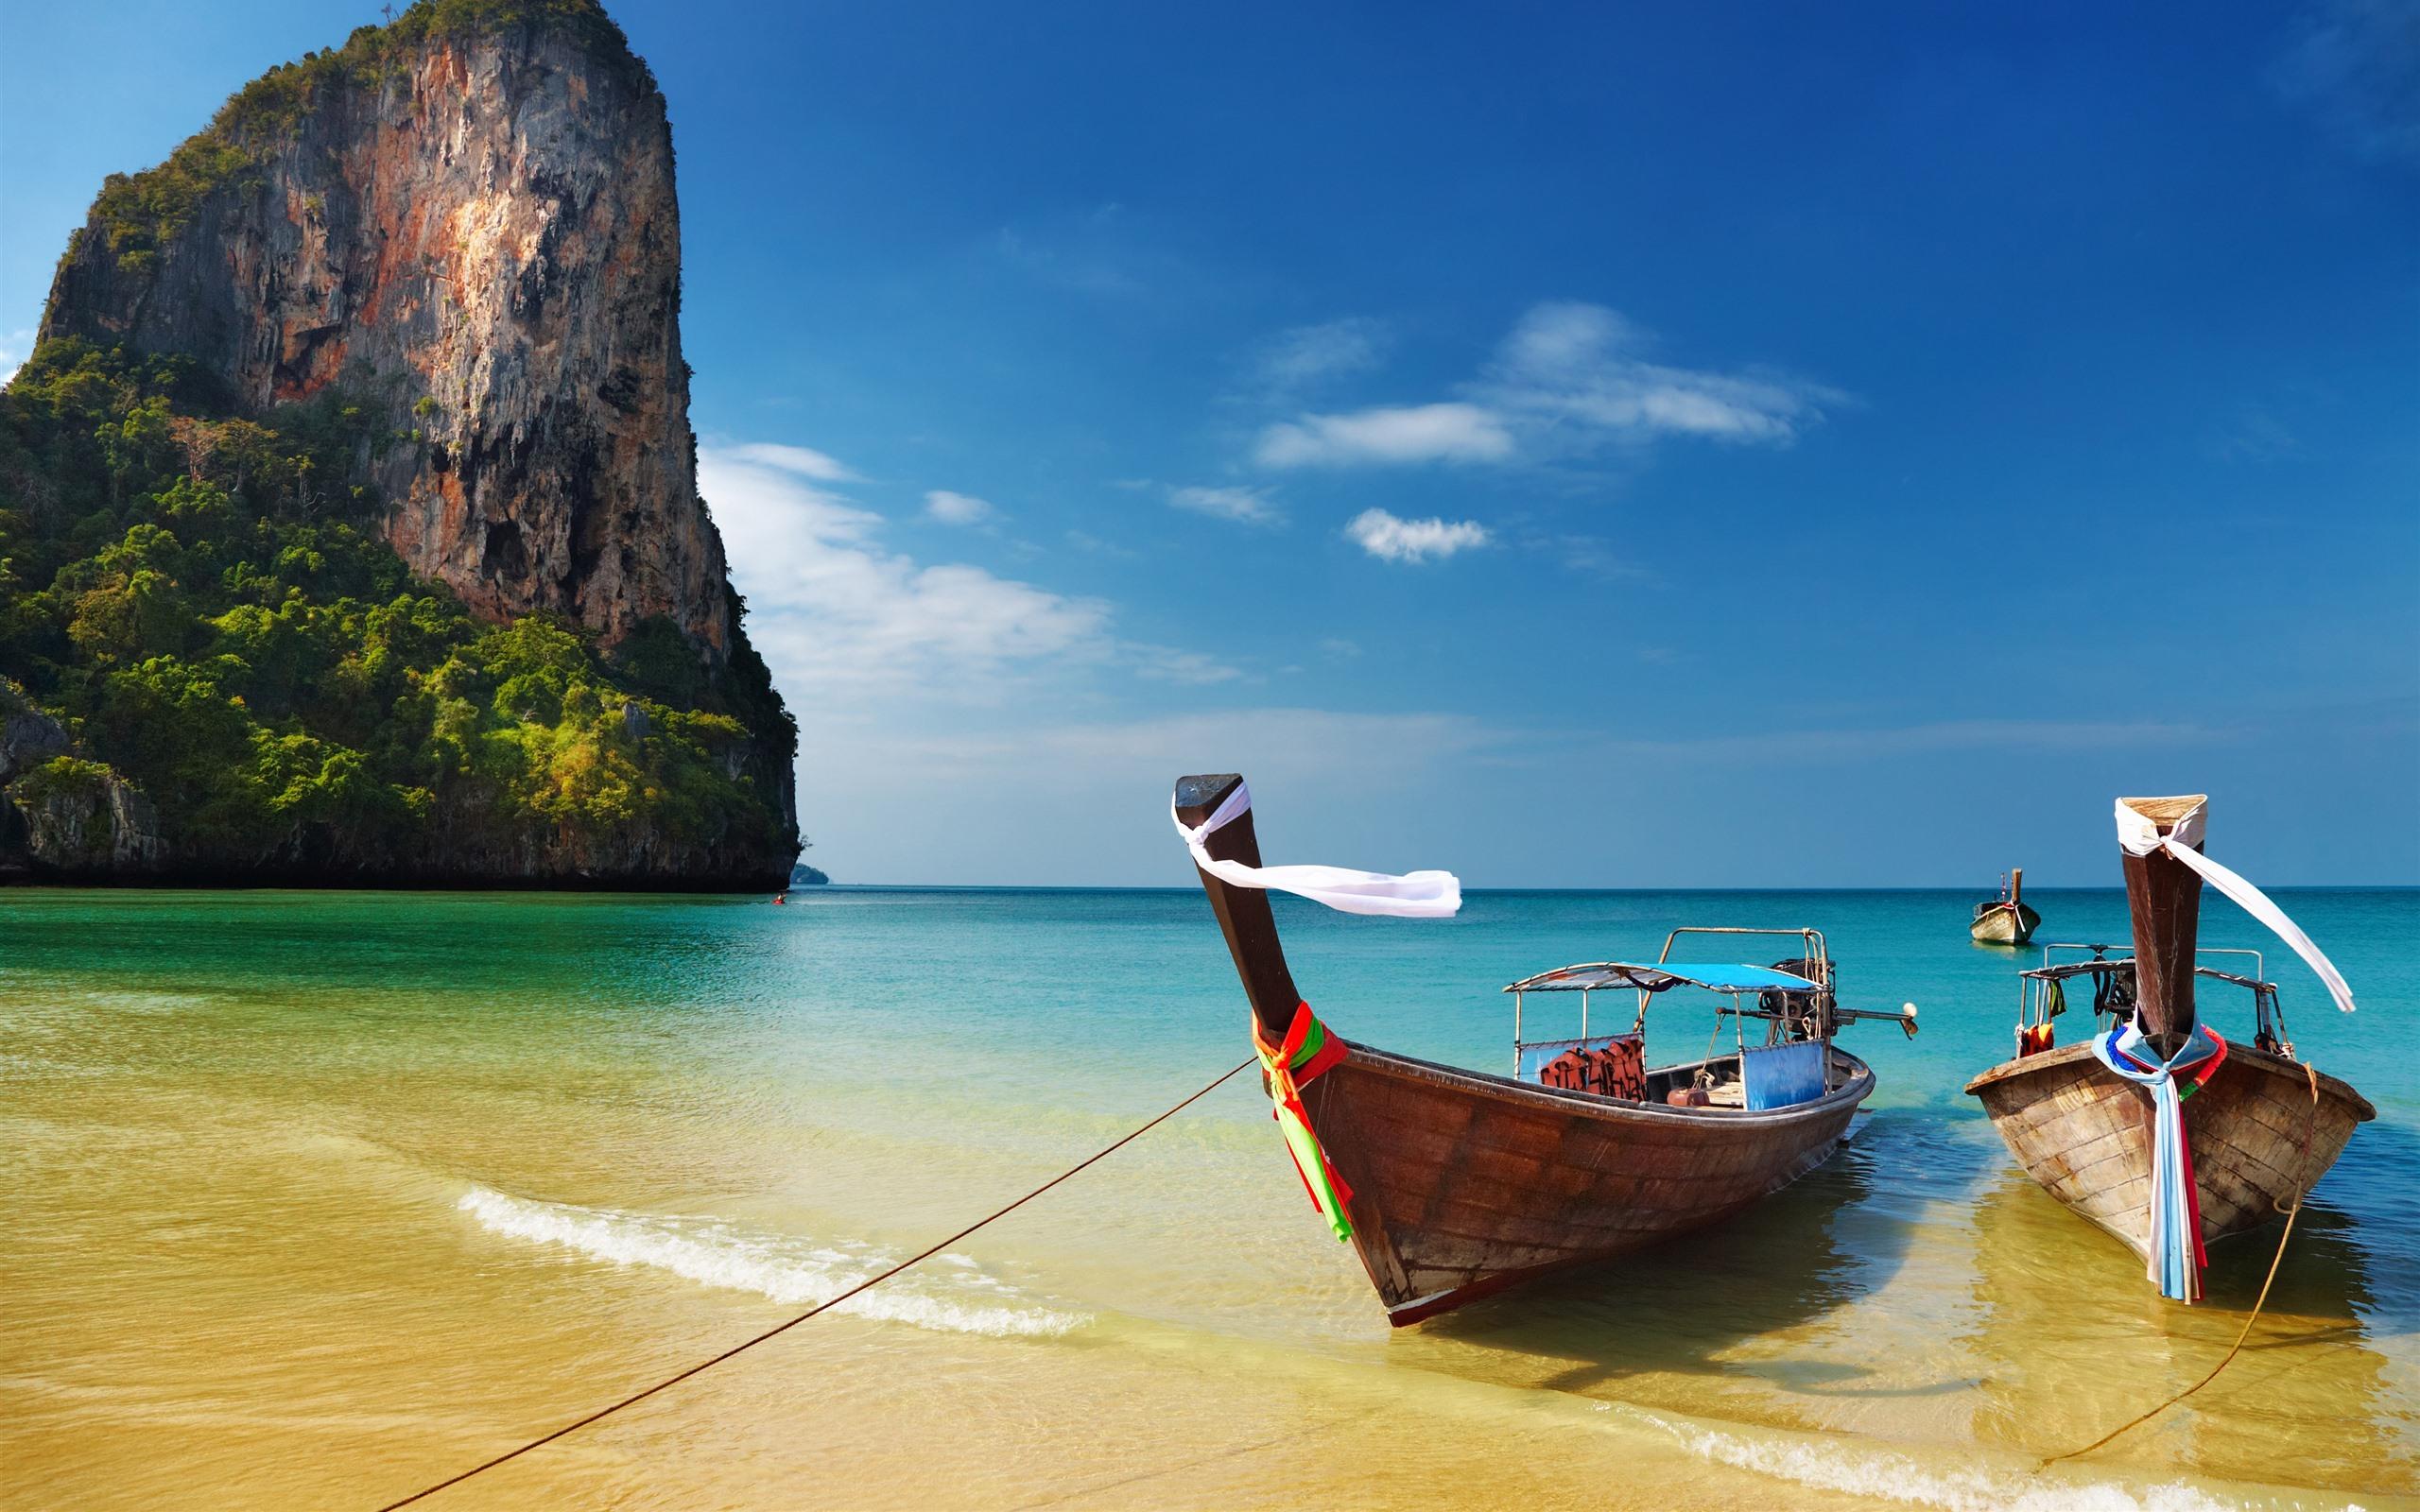 壁紙 タイ 海 ビーチ ボート 青空 3840x2160 Uhd 4k 無料の